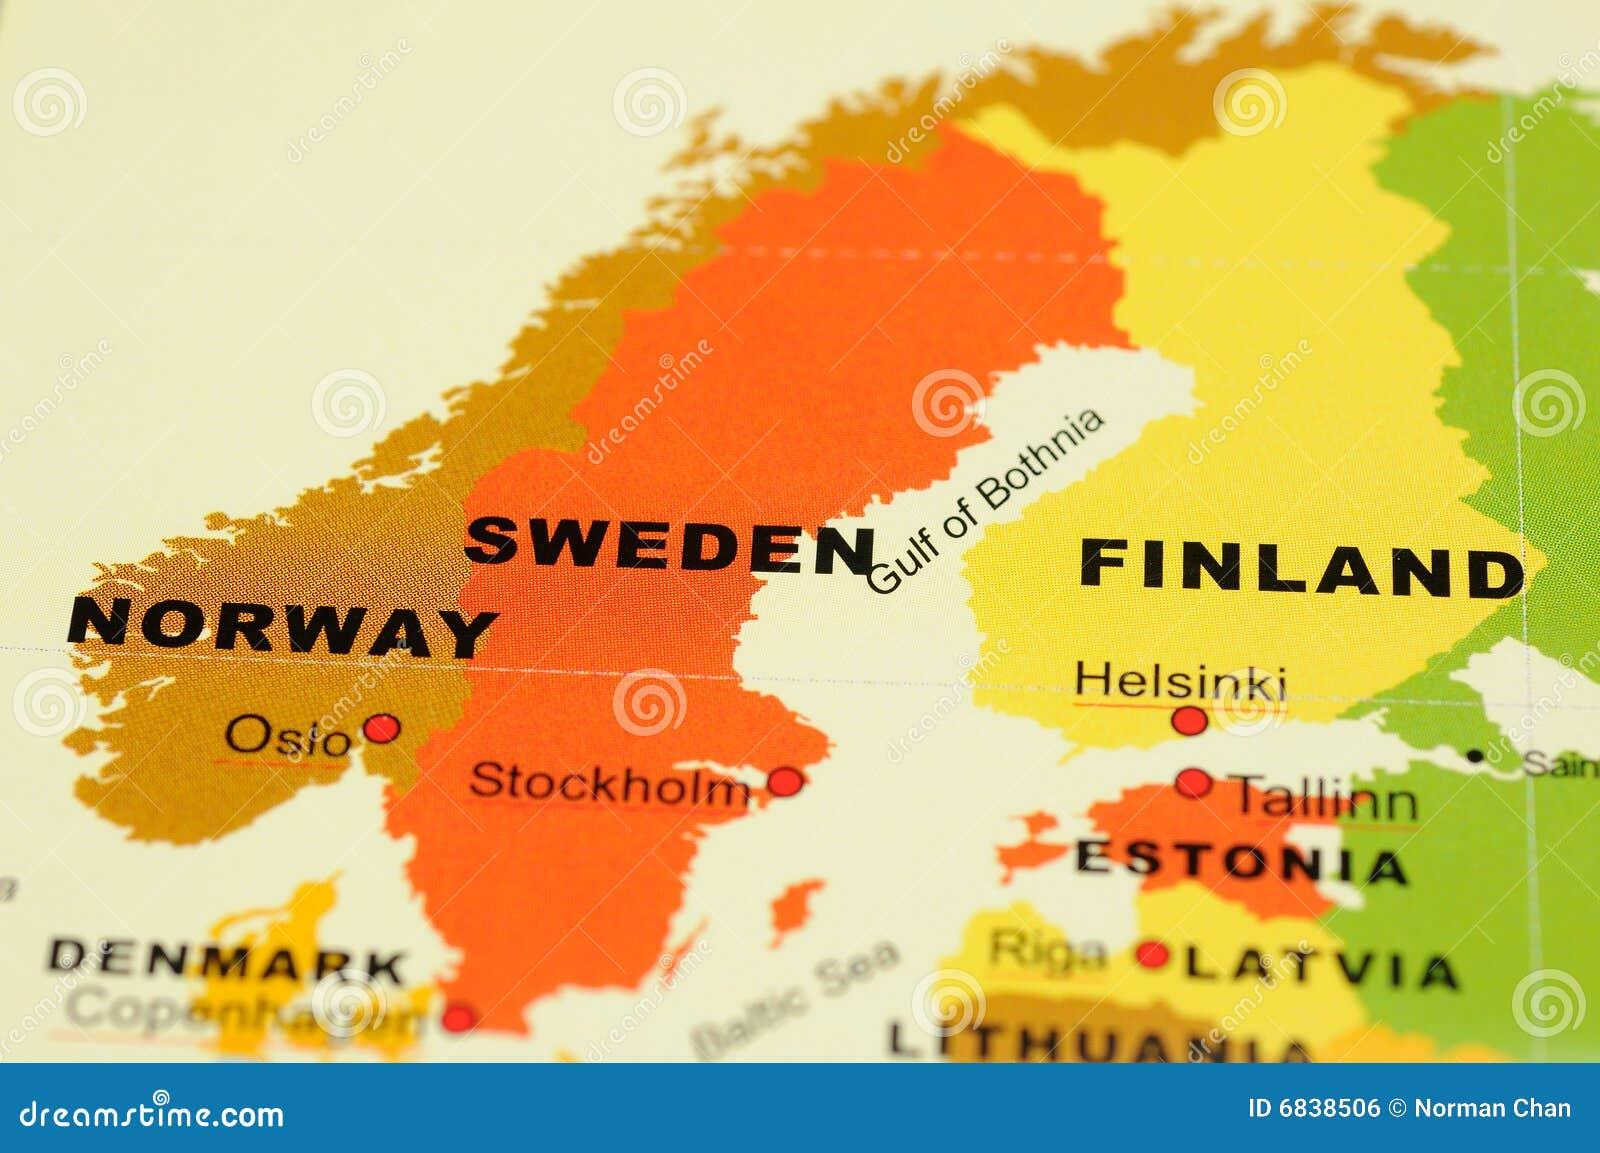 Karte Norwegen Schweden.Norwegen Schweden Und Finnland Auf Karte Stockfoto Bild Von